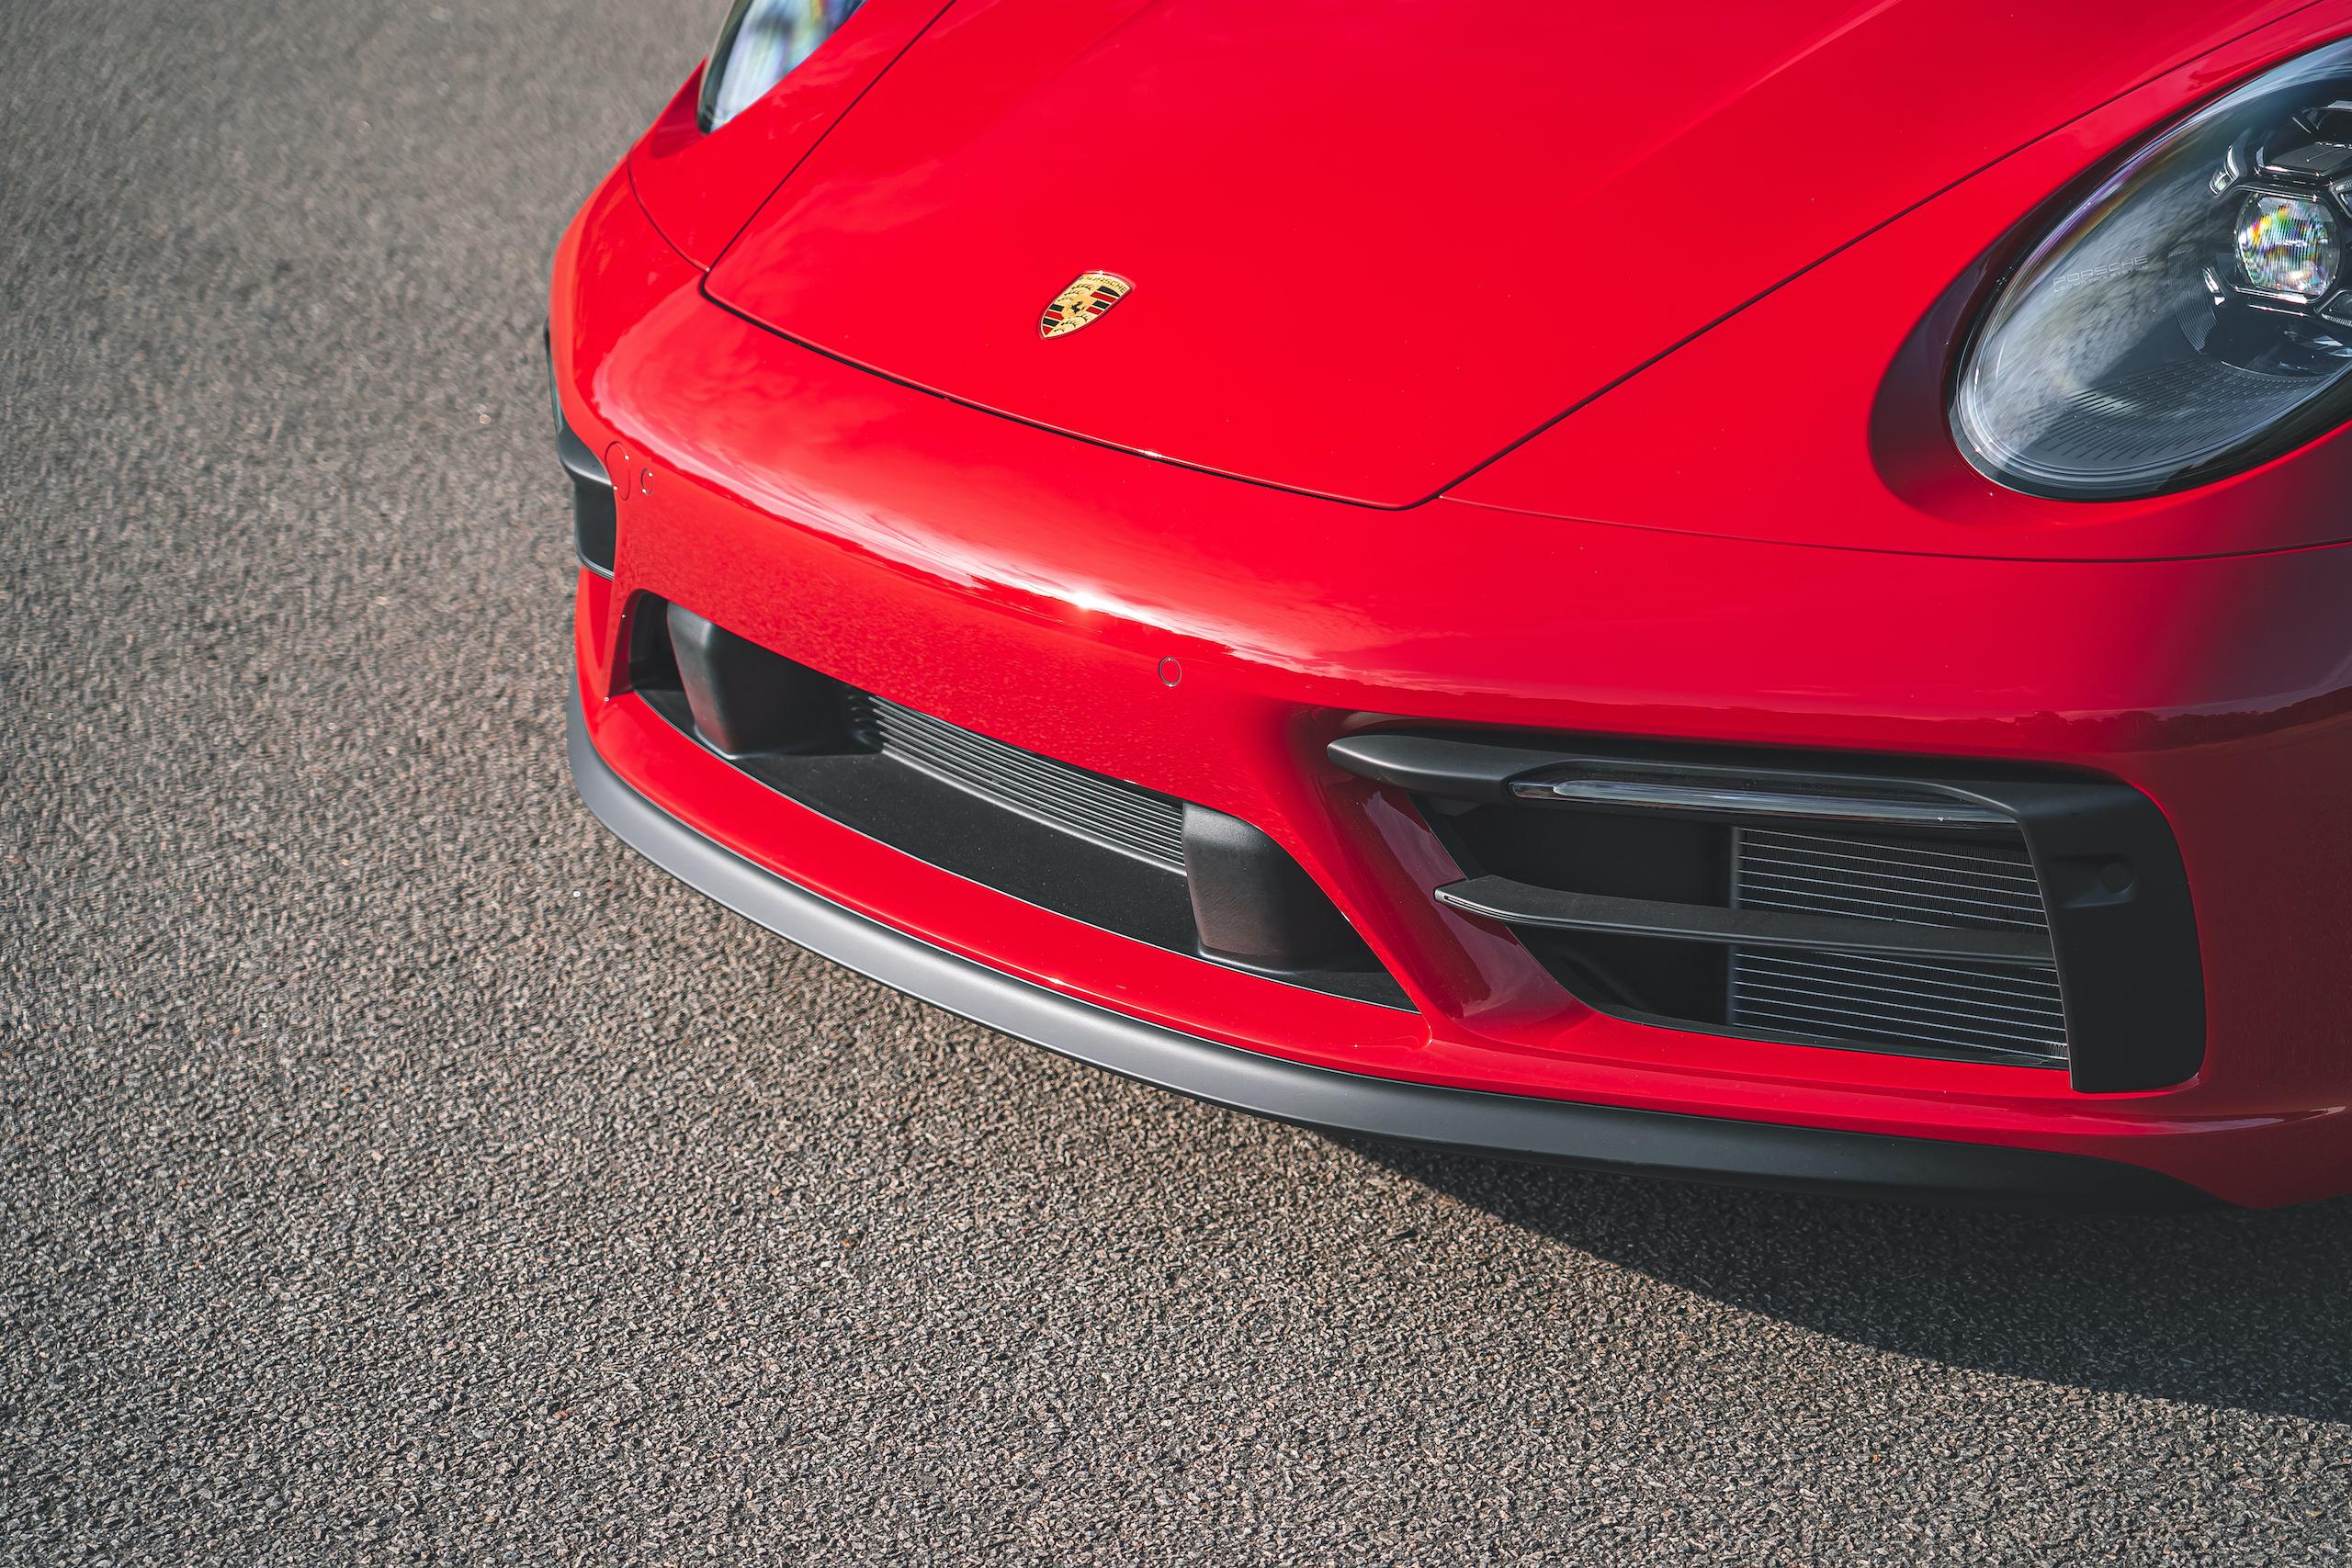 Porsche 911 GTS front end